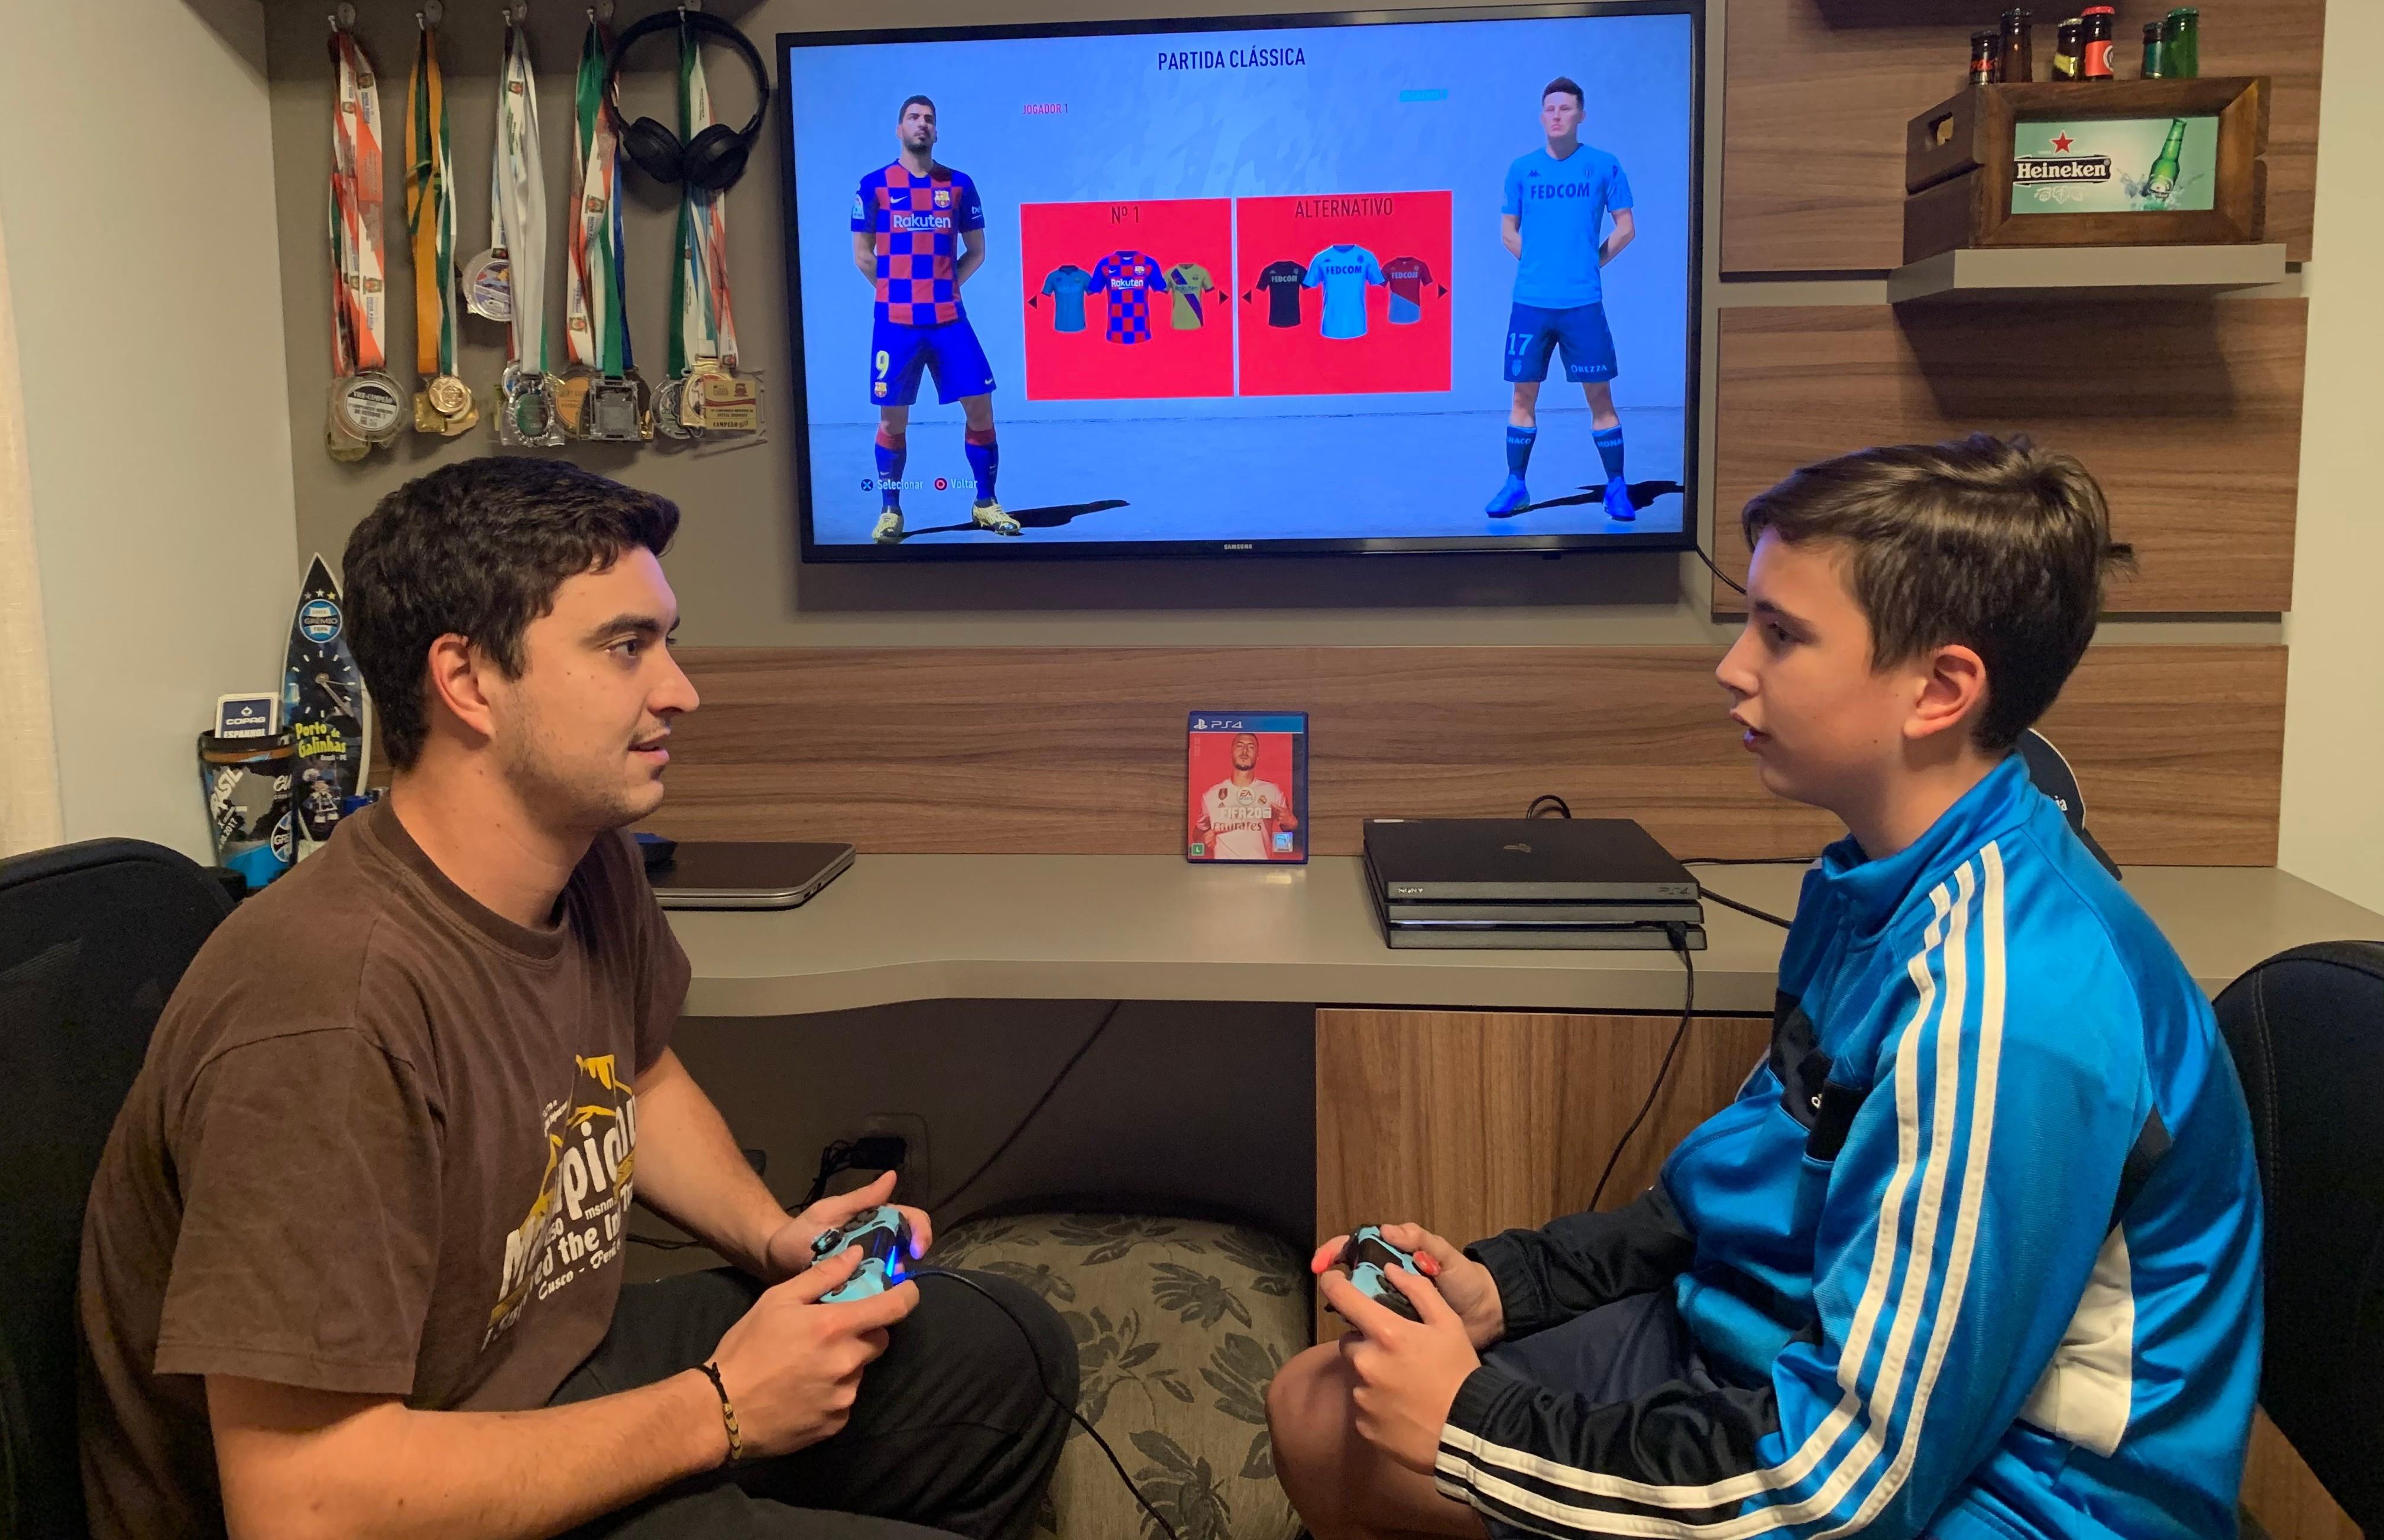 ESPECIAL - Videogame ganha destaque durante o isolamento